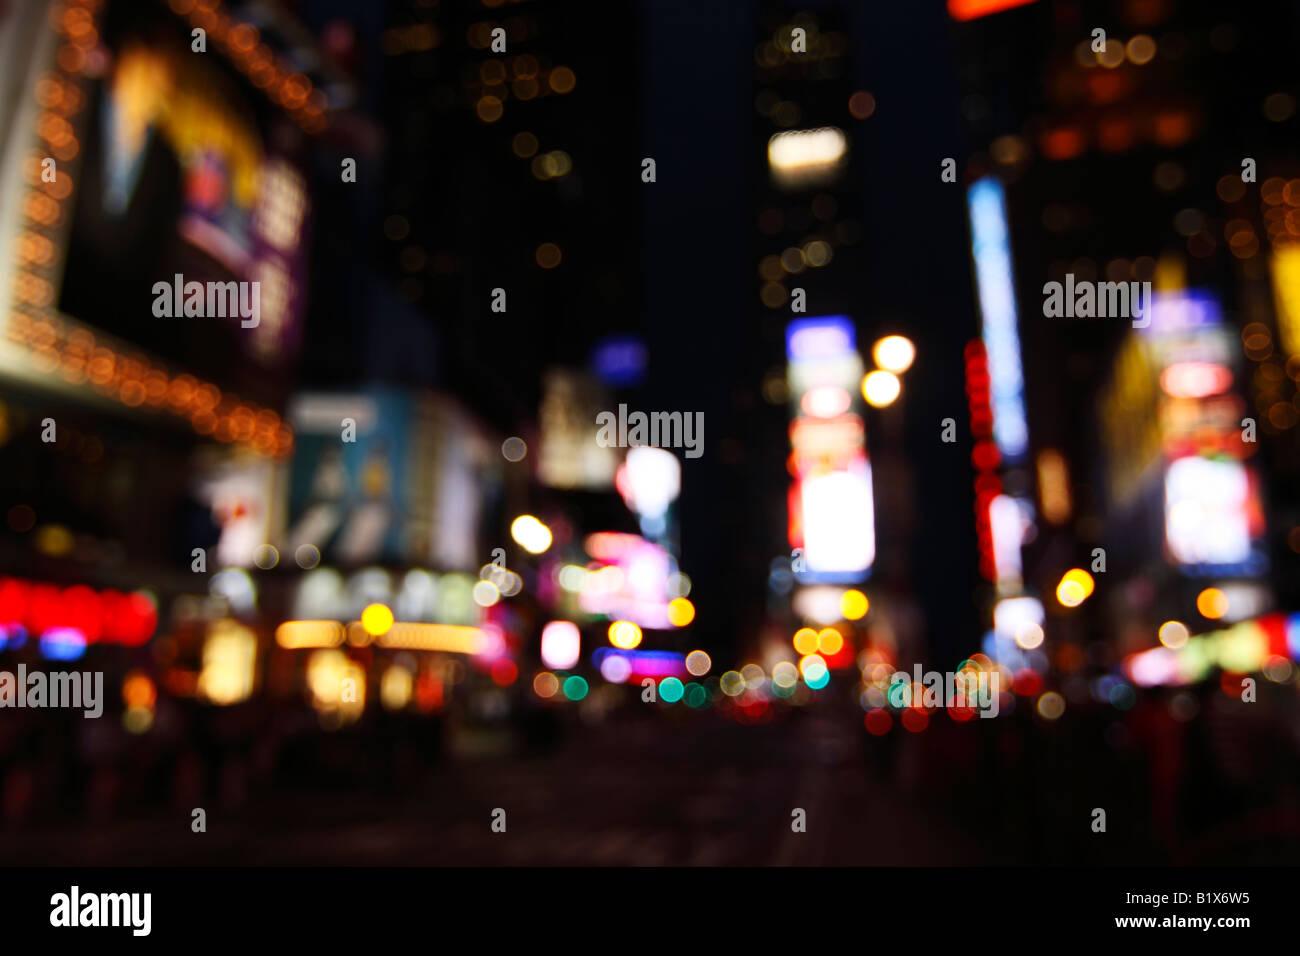 Visión abstracta de las luces de Times Square en la noche - la ciudad de Nueva York, EE.UU. (desenfocado para evitar infracciones de copyright) Foto de stock